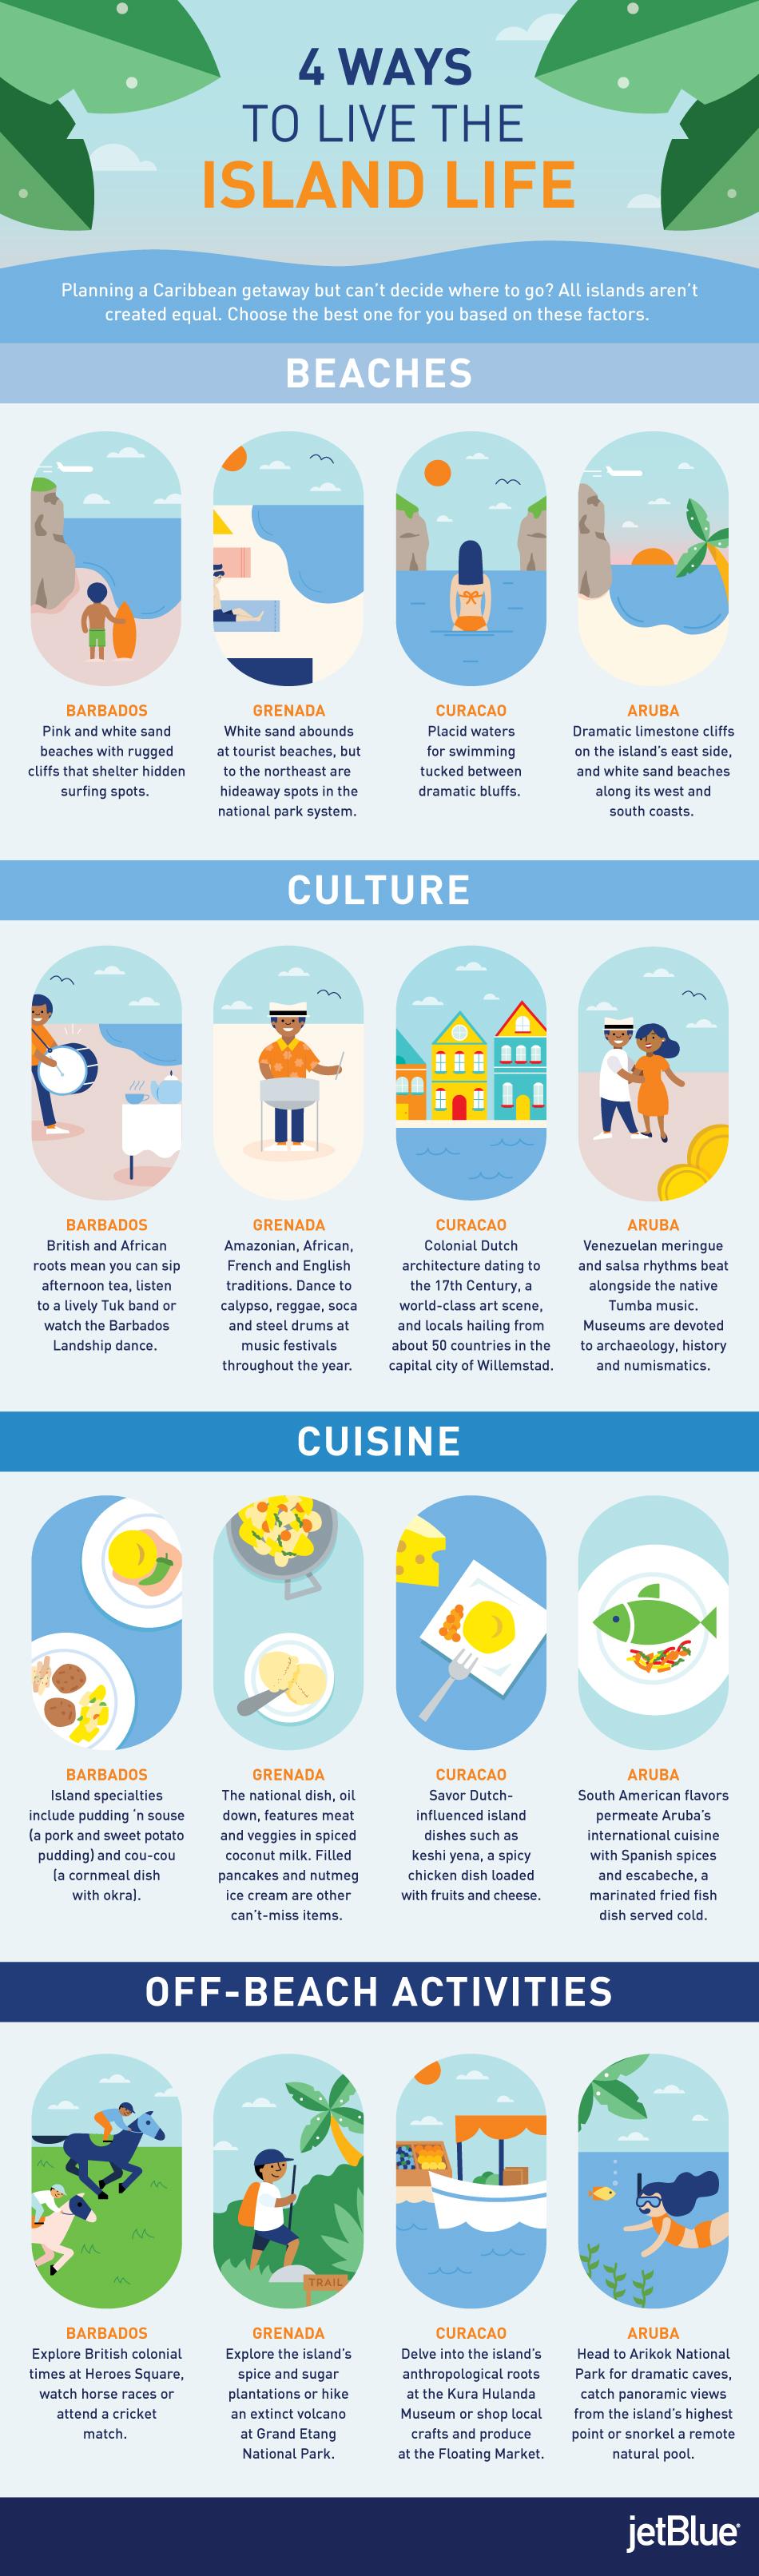 jetBlue - 4 Ways to Live the Island Life